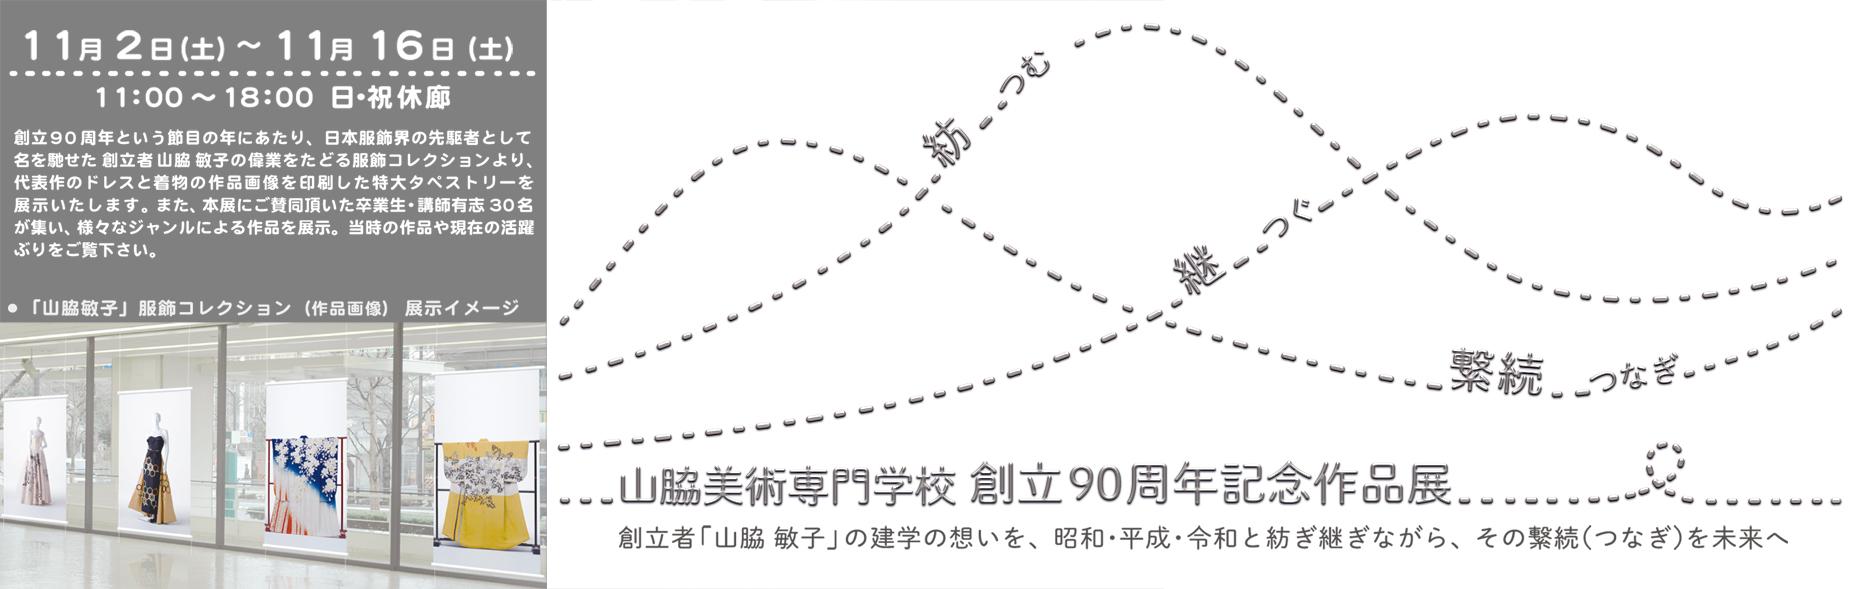 創立90周年記念作品展